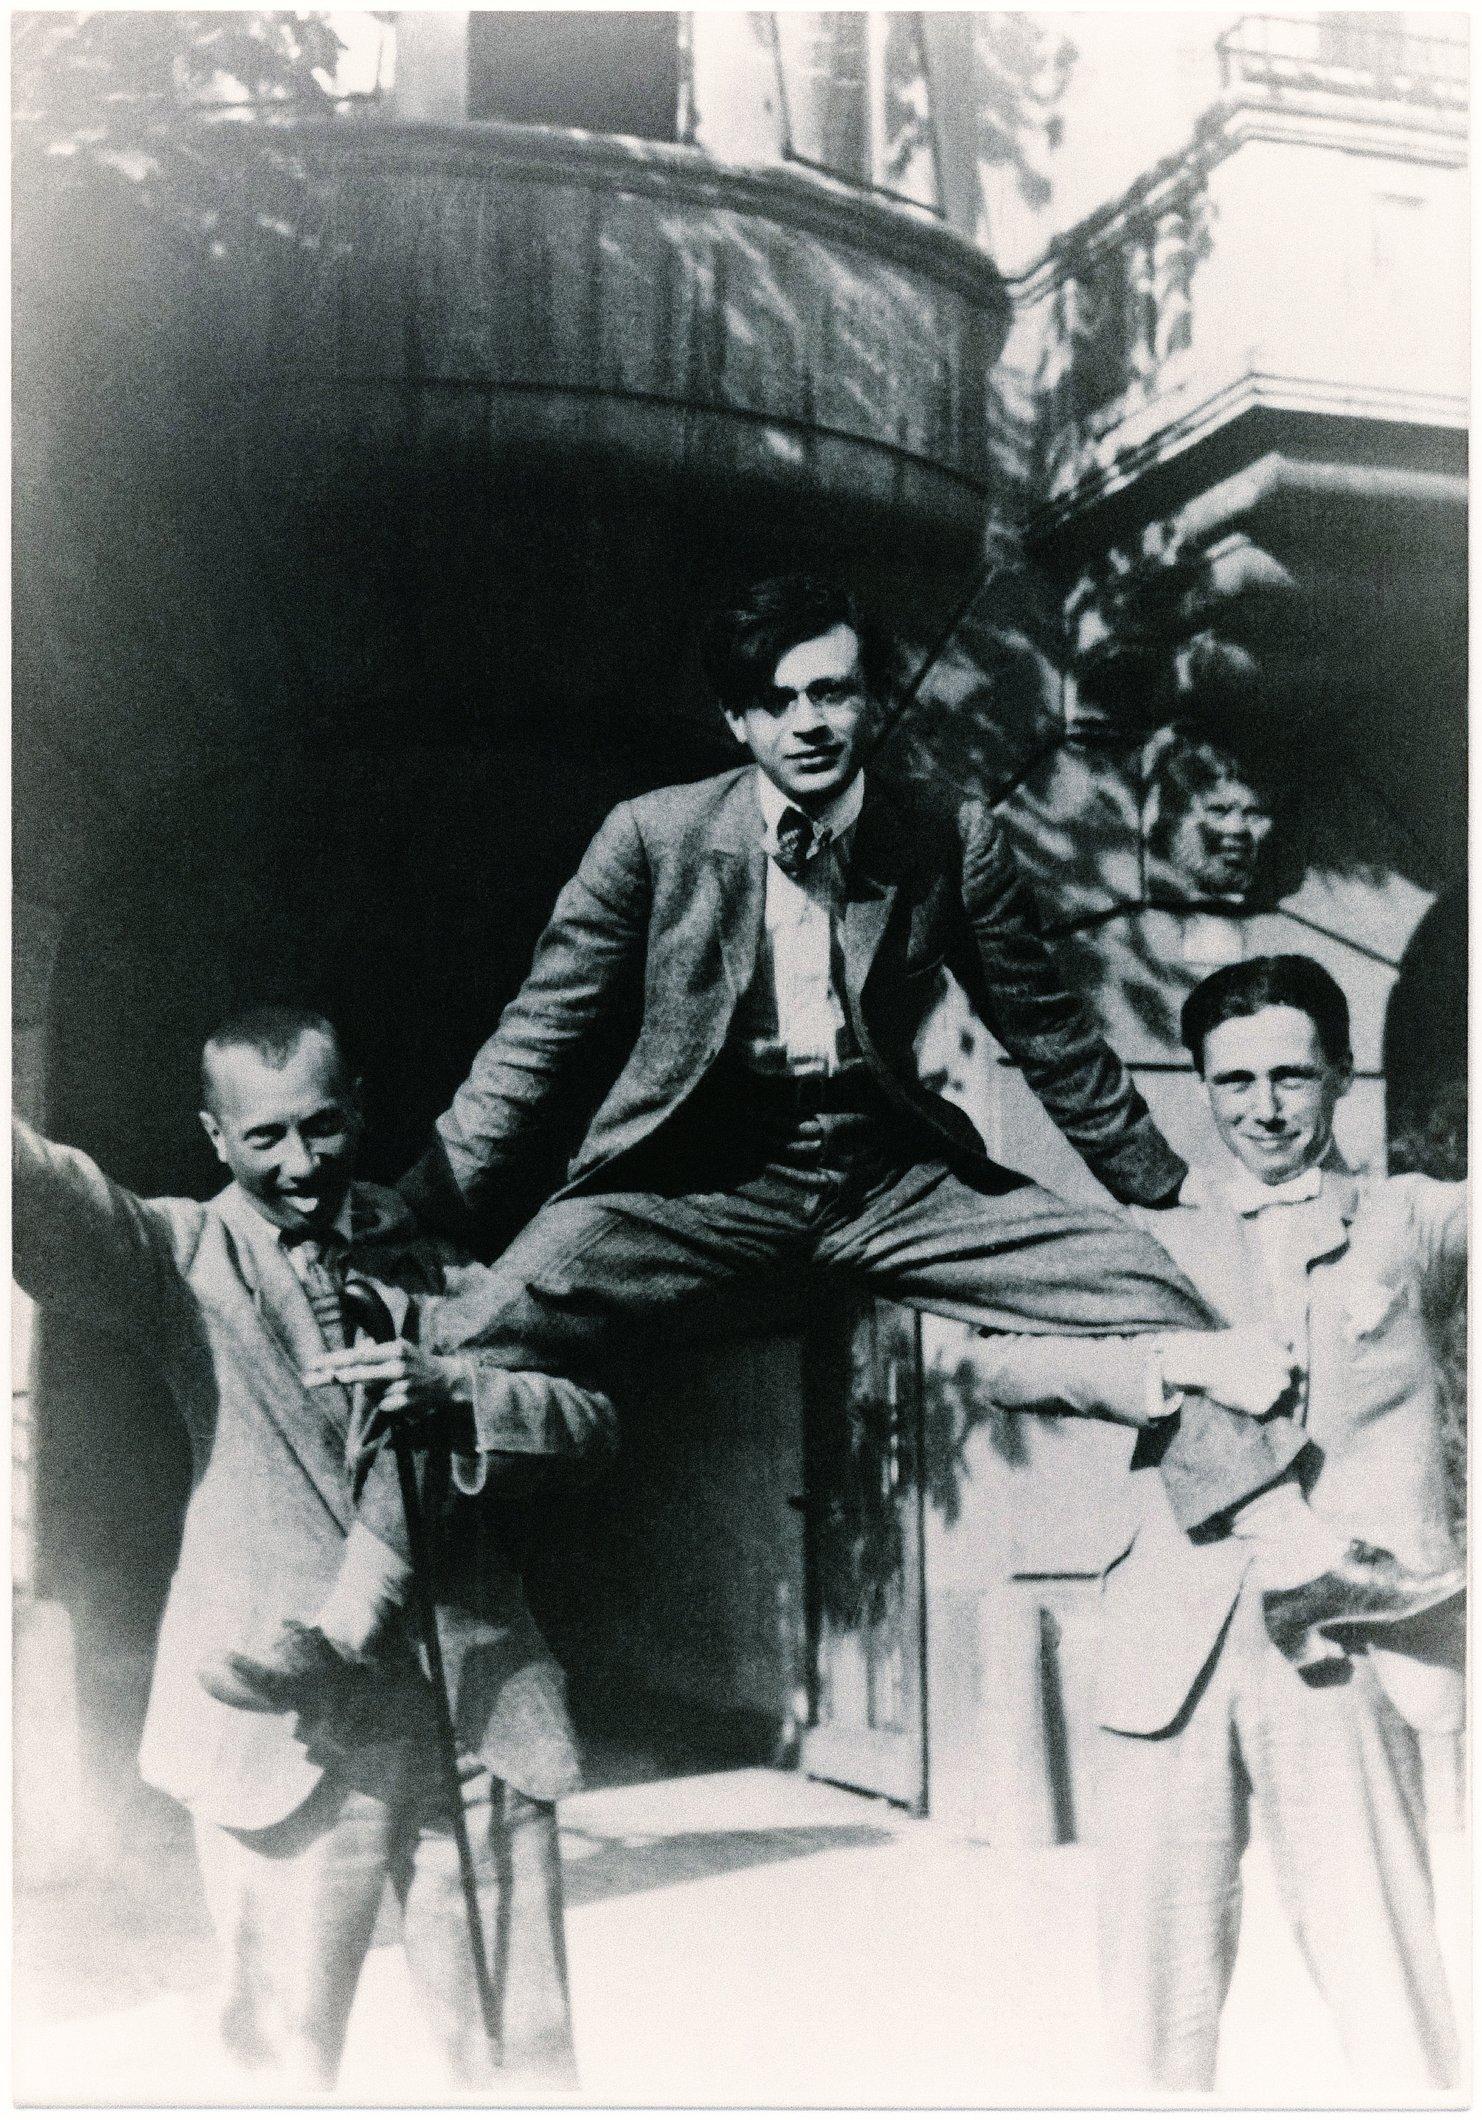 Основоположники дадаизма. Ханс Арп, Тристан Тцара, Ханс Рихтер. 1918 год. Цюрих.